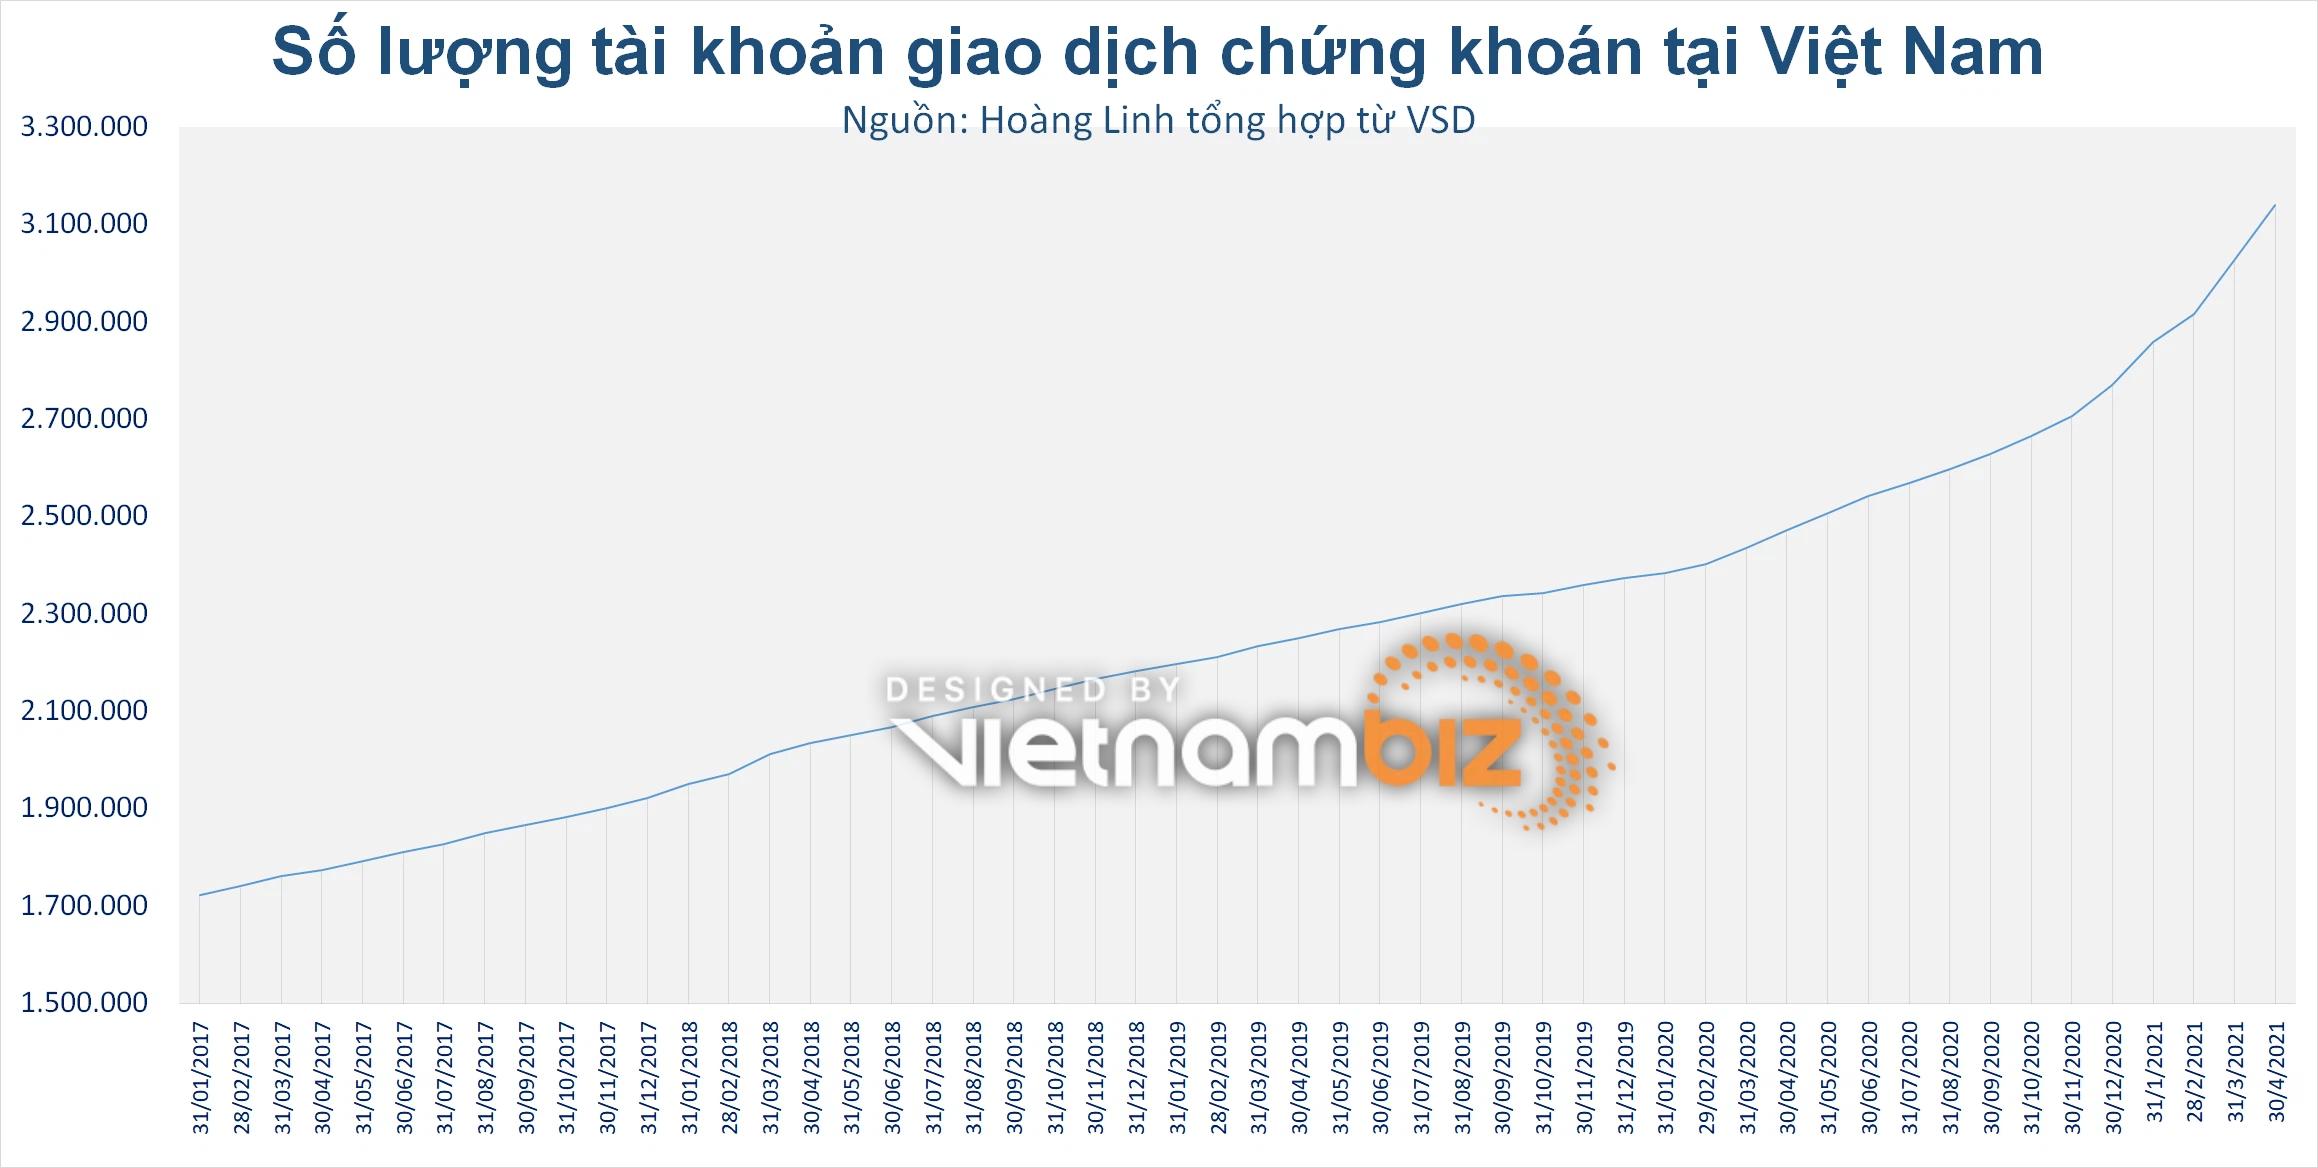 Chứng khoán Việt Nam đang thời đỉnh cao với những kỷ lục chưa bao giờ có - Ảnh 1.